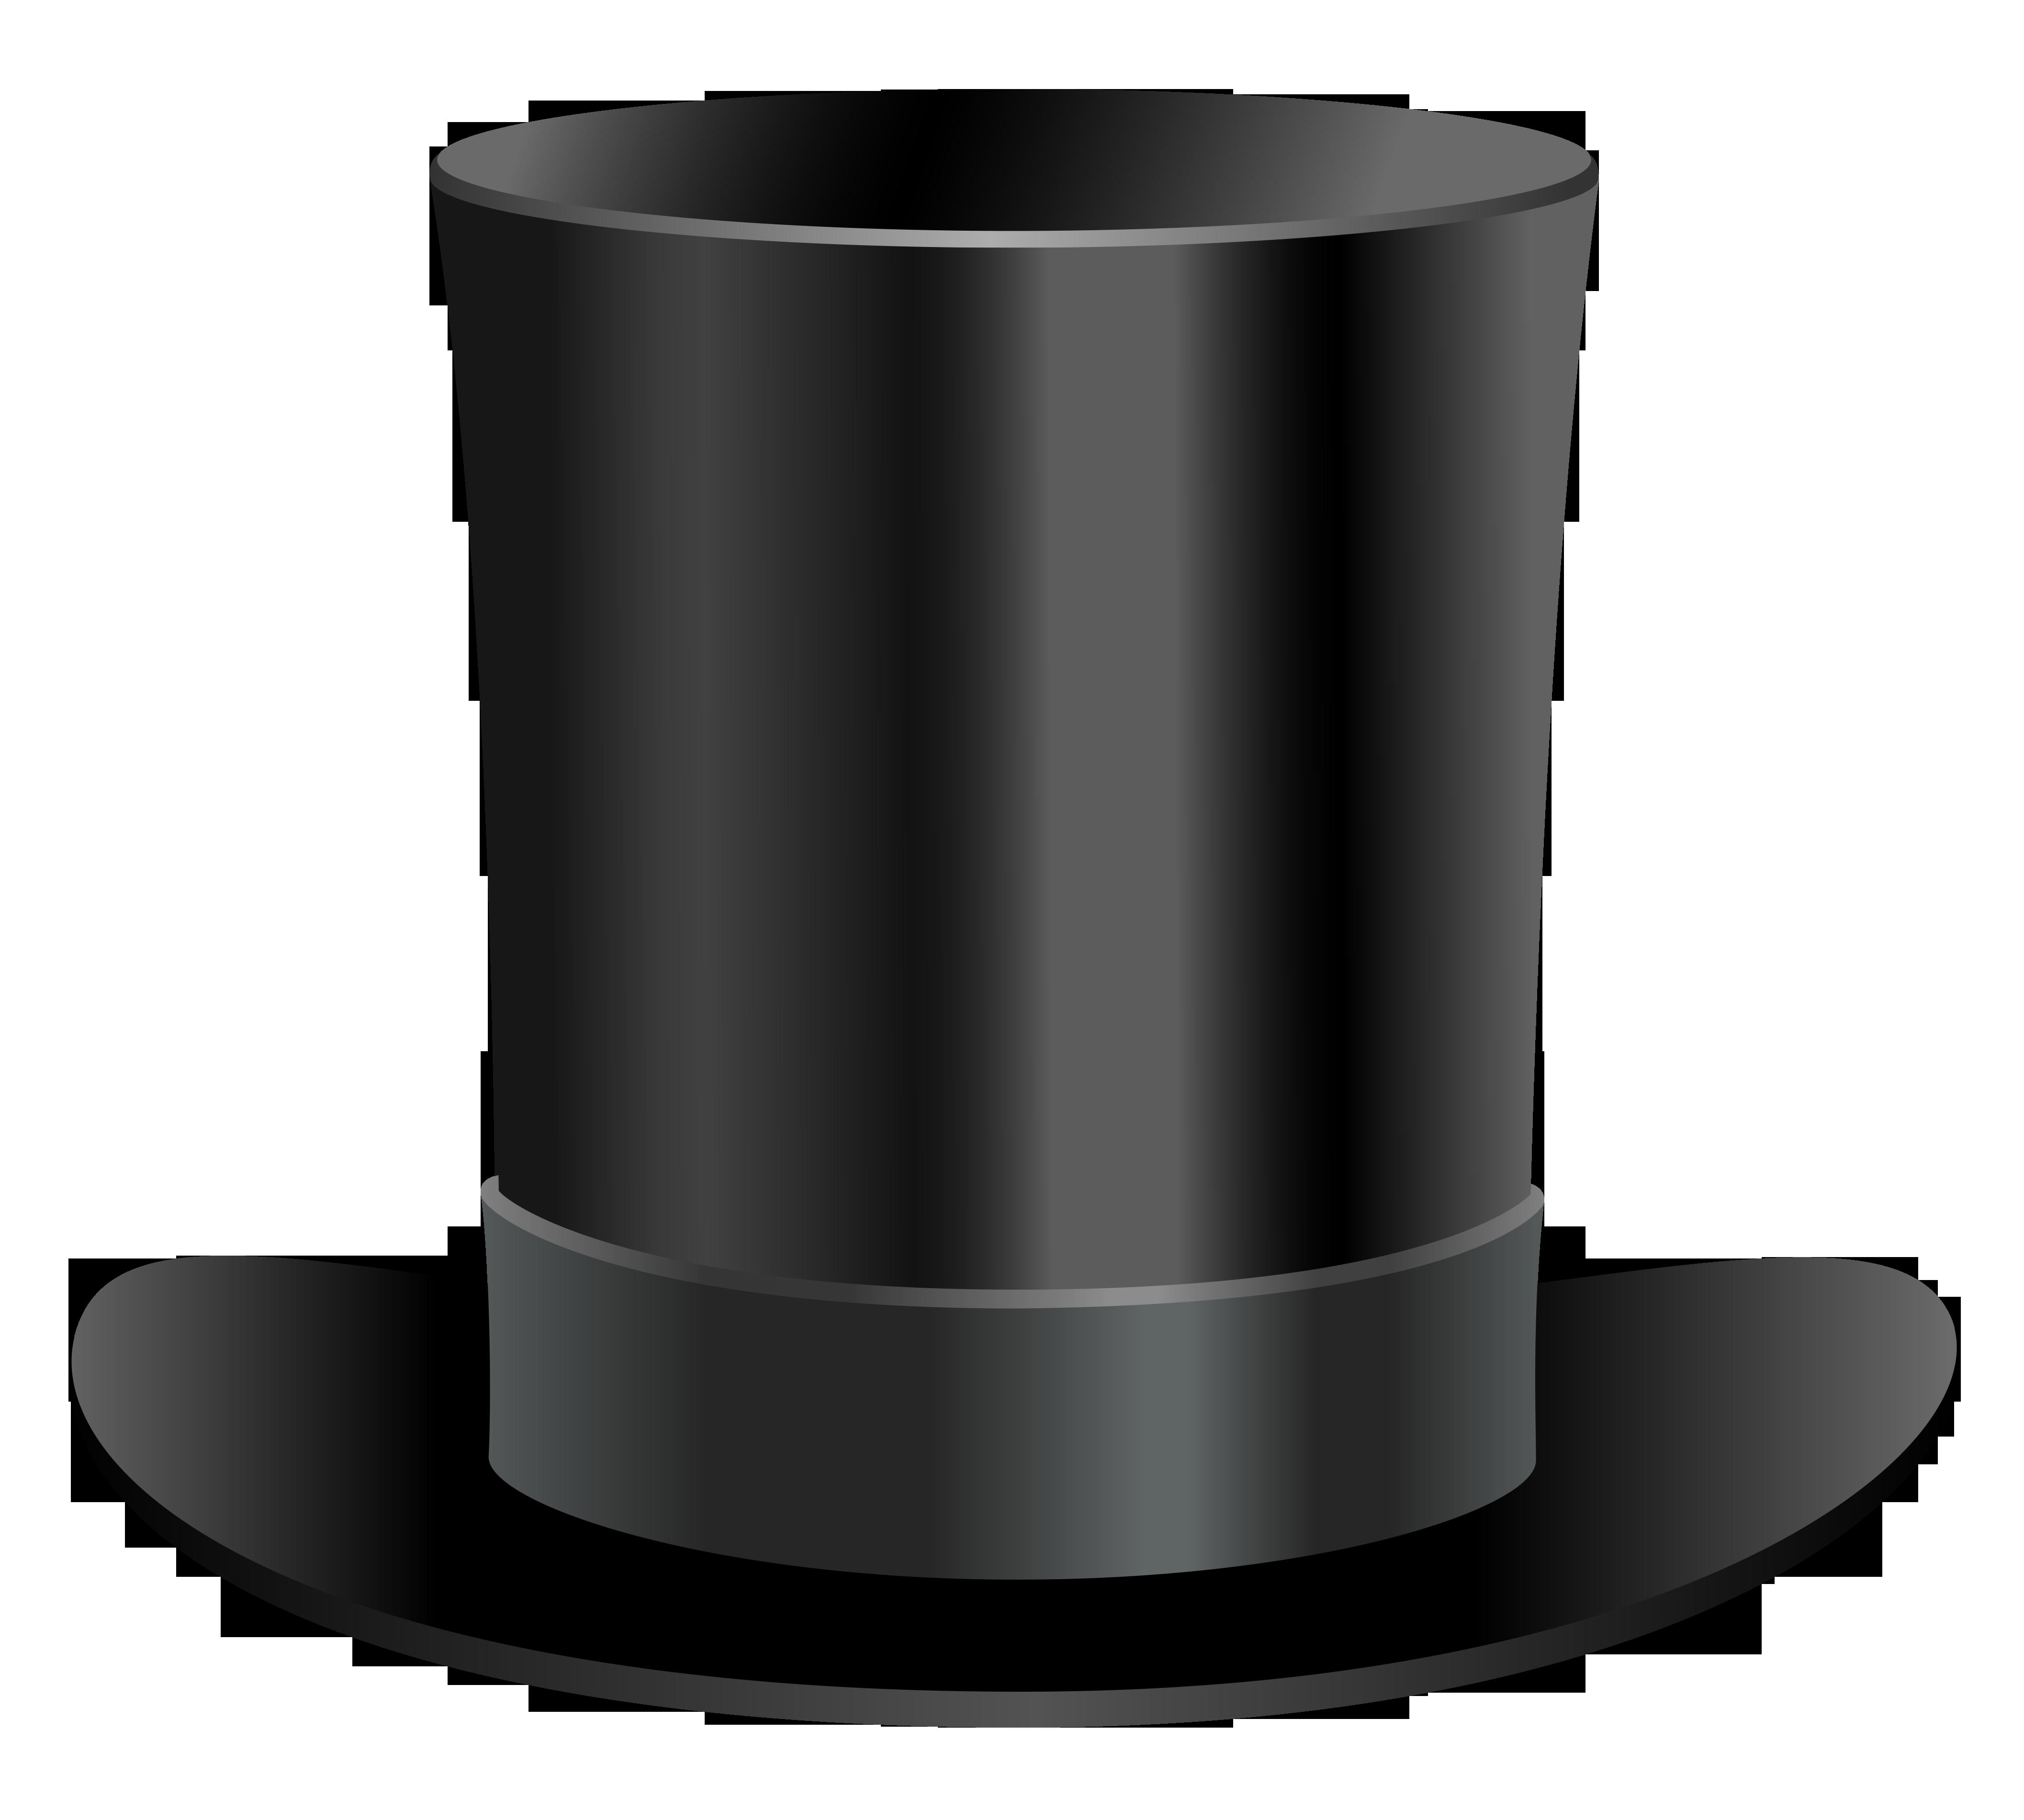 4228x3802 Snowman Hat Clipart